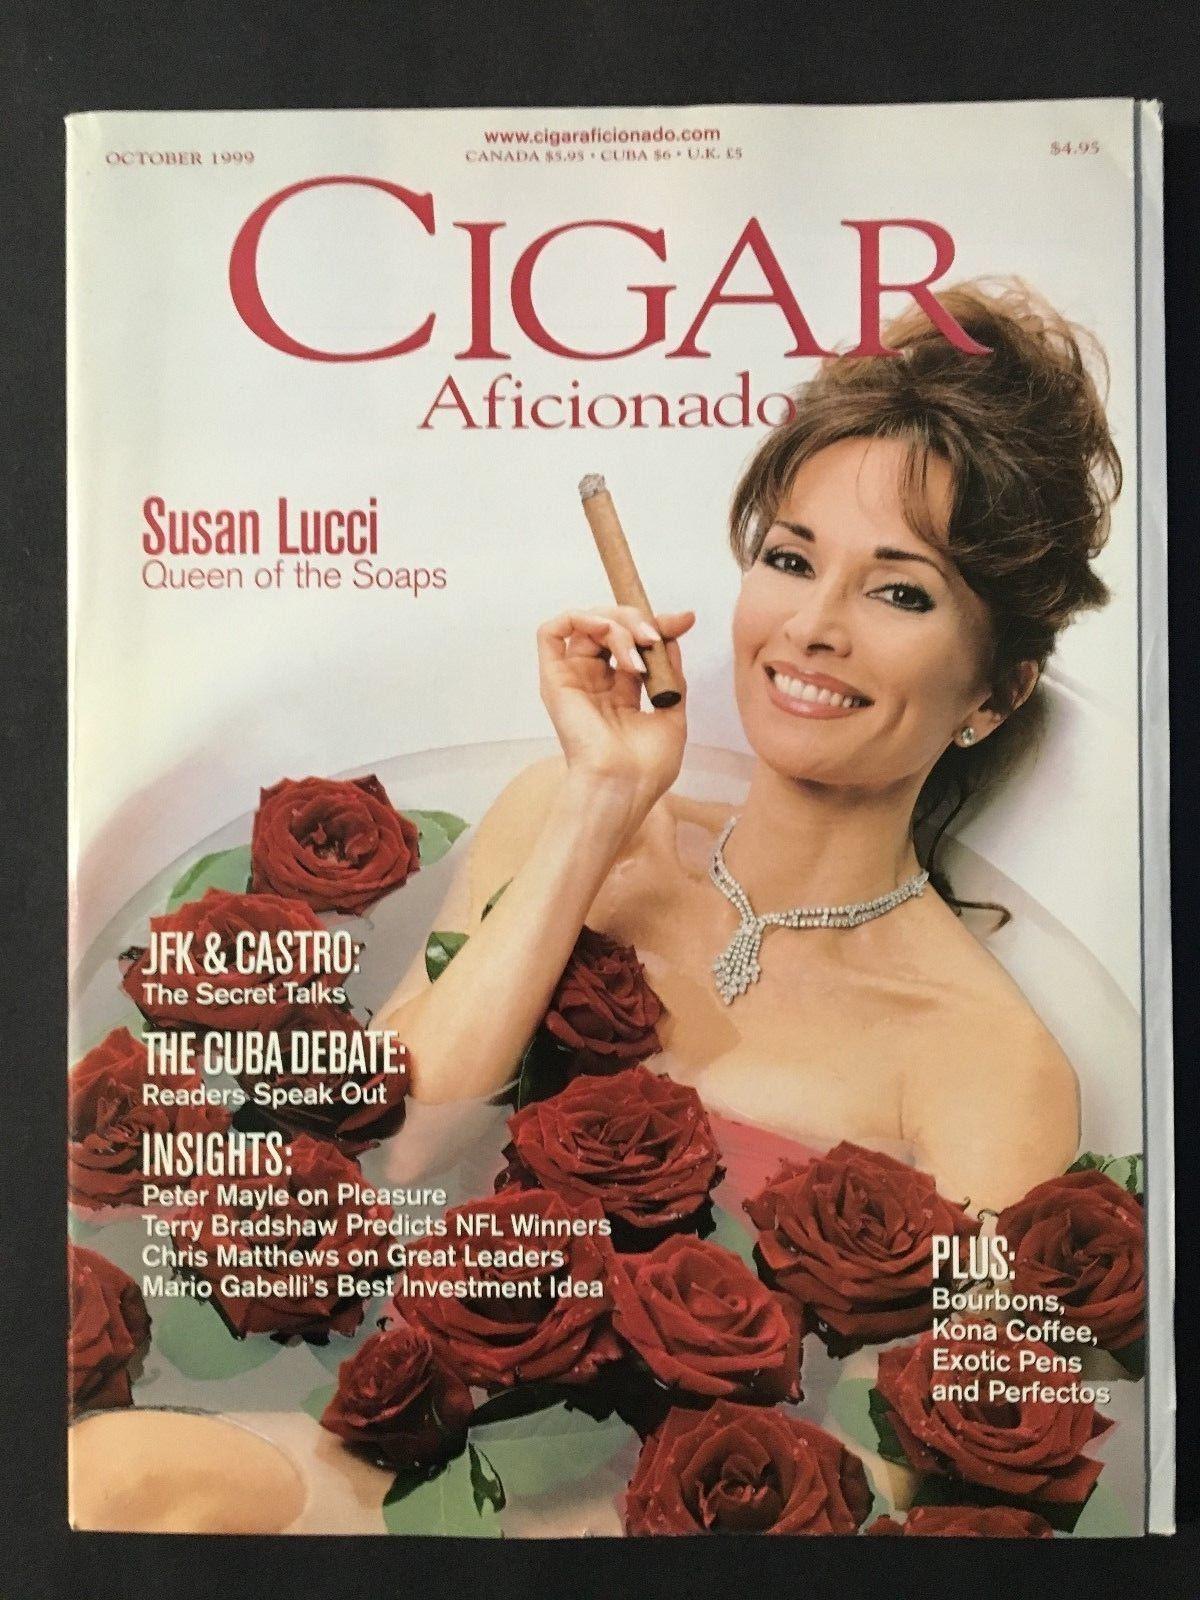 cigar-aficionado-magazine-october-1999-susan-lucci.jpg